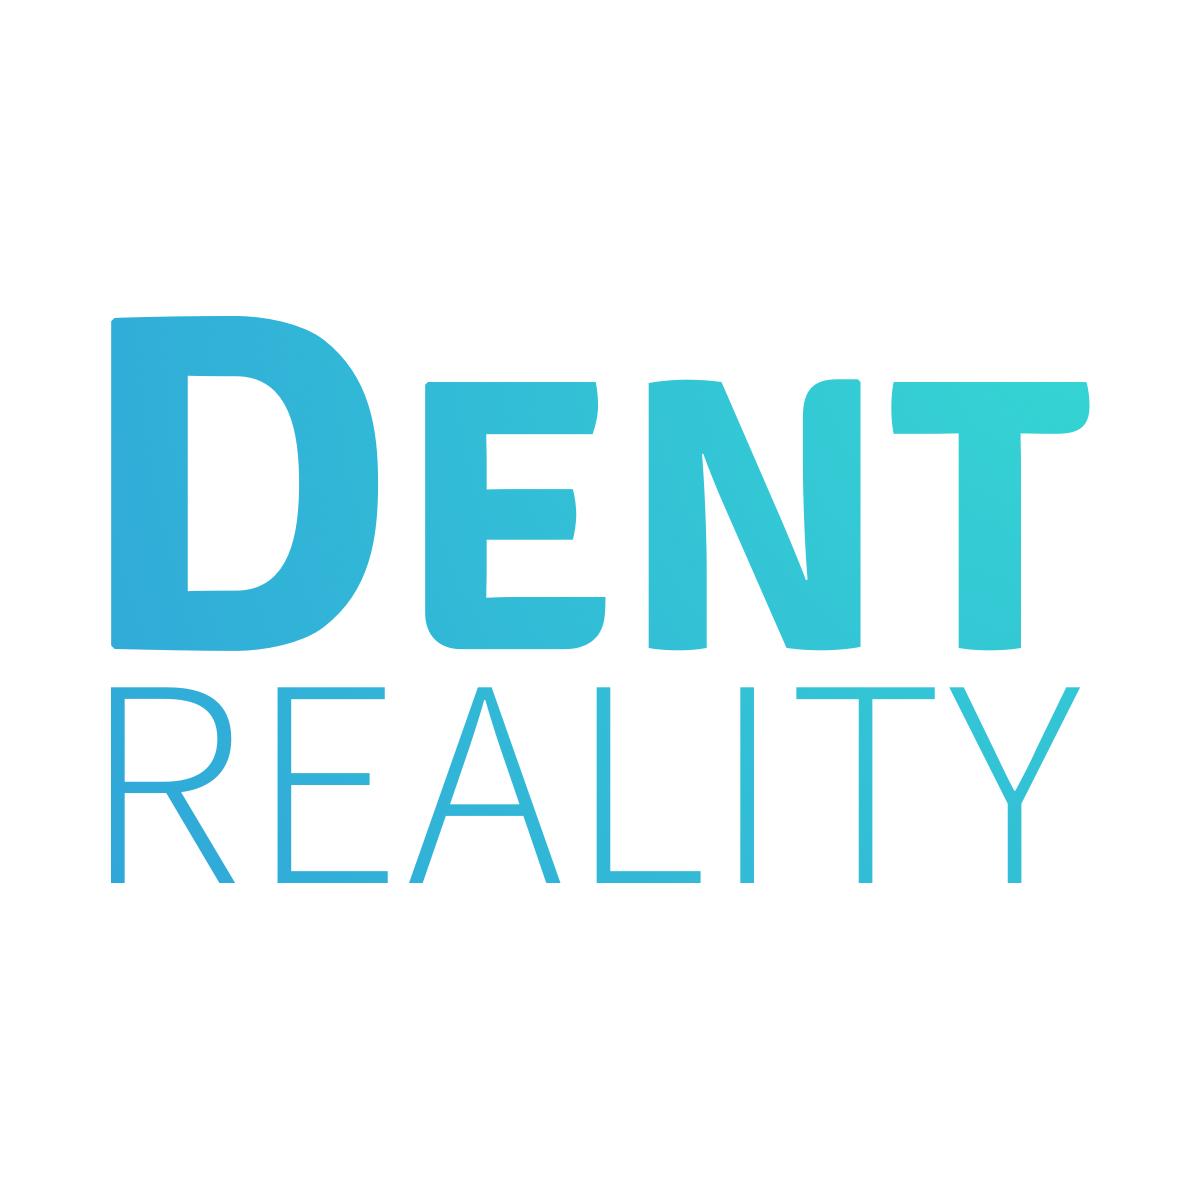 Dent Reality Company Logo